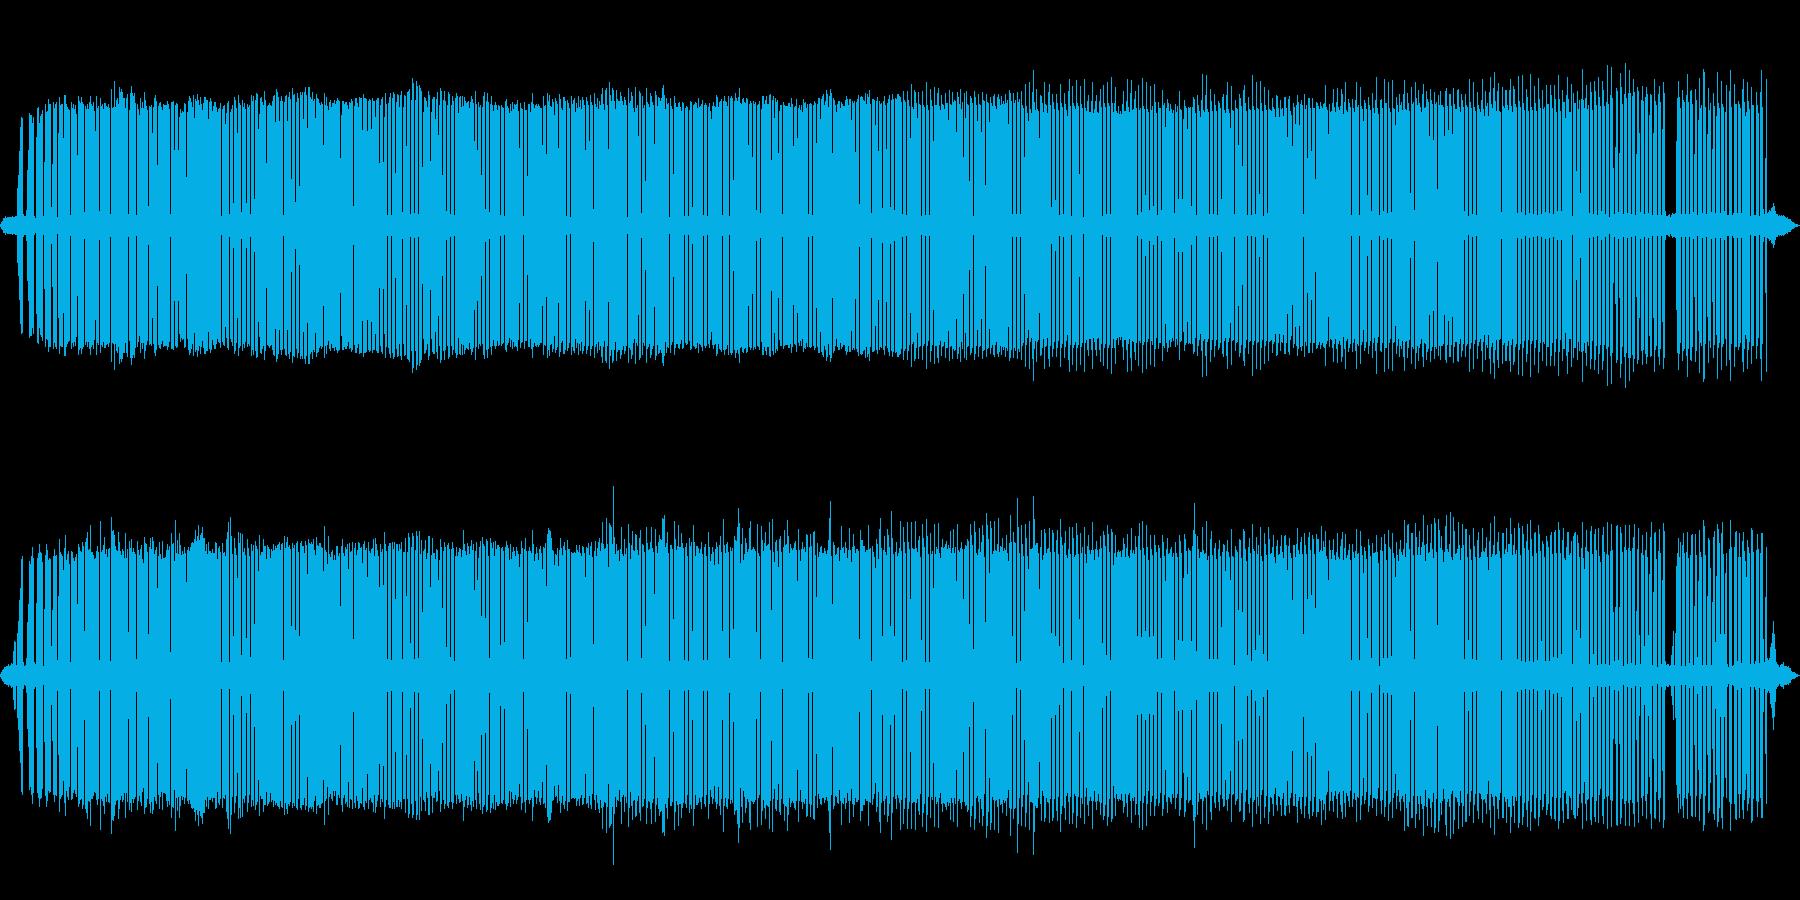 コオロギ【初秋、夜遅く、道端】の再生済みの波形